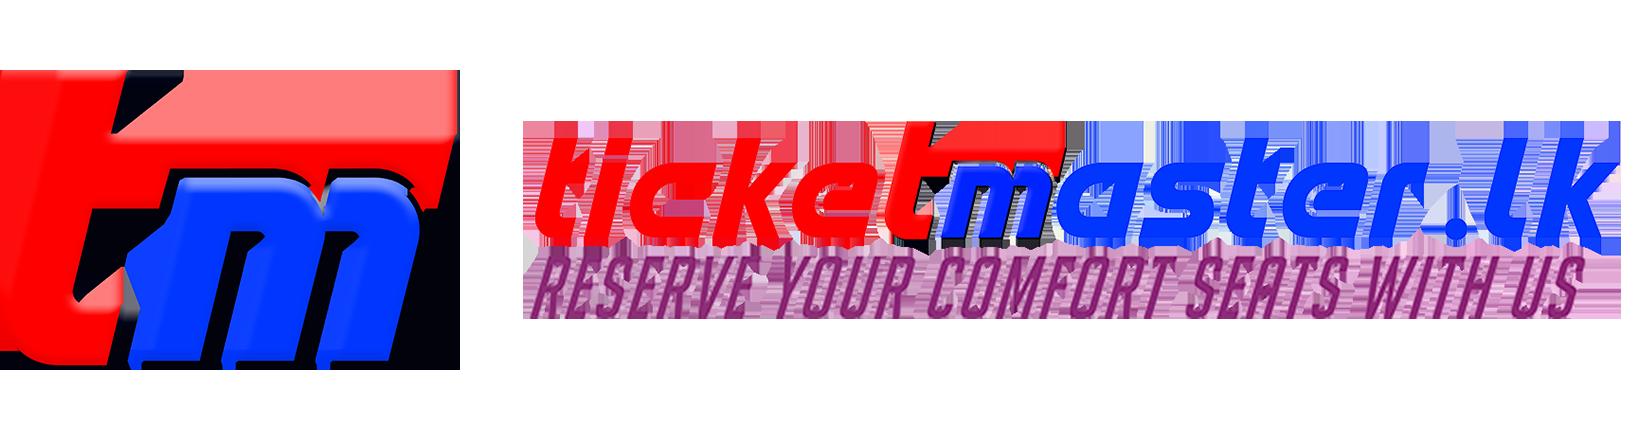 TicketMaster.lk